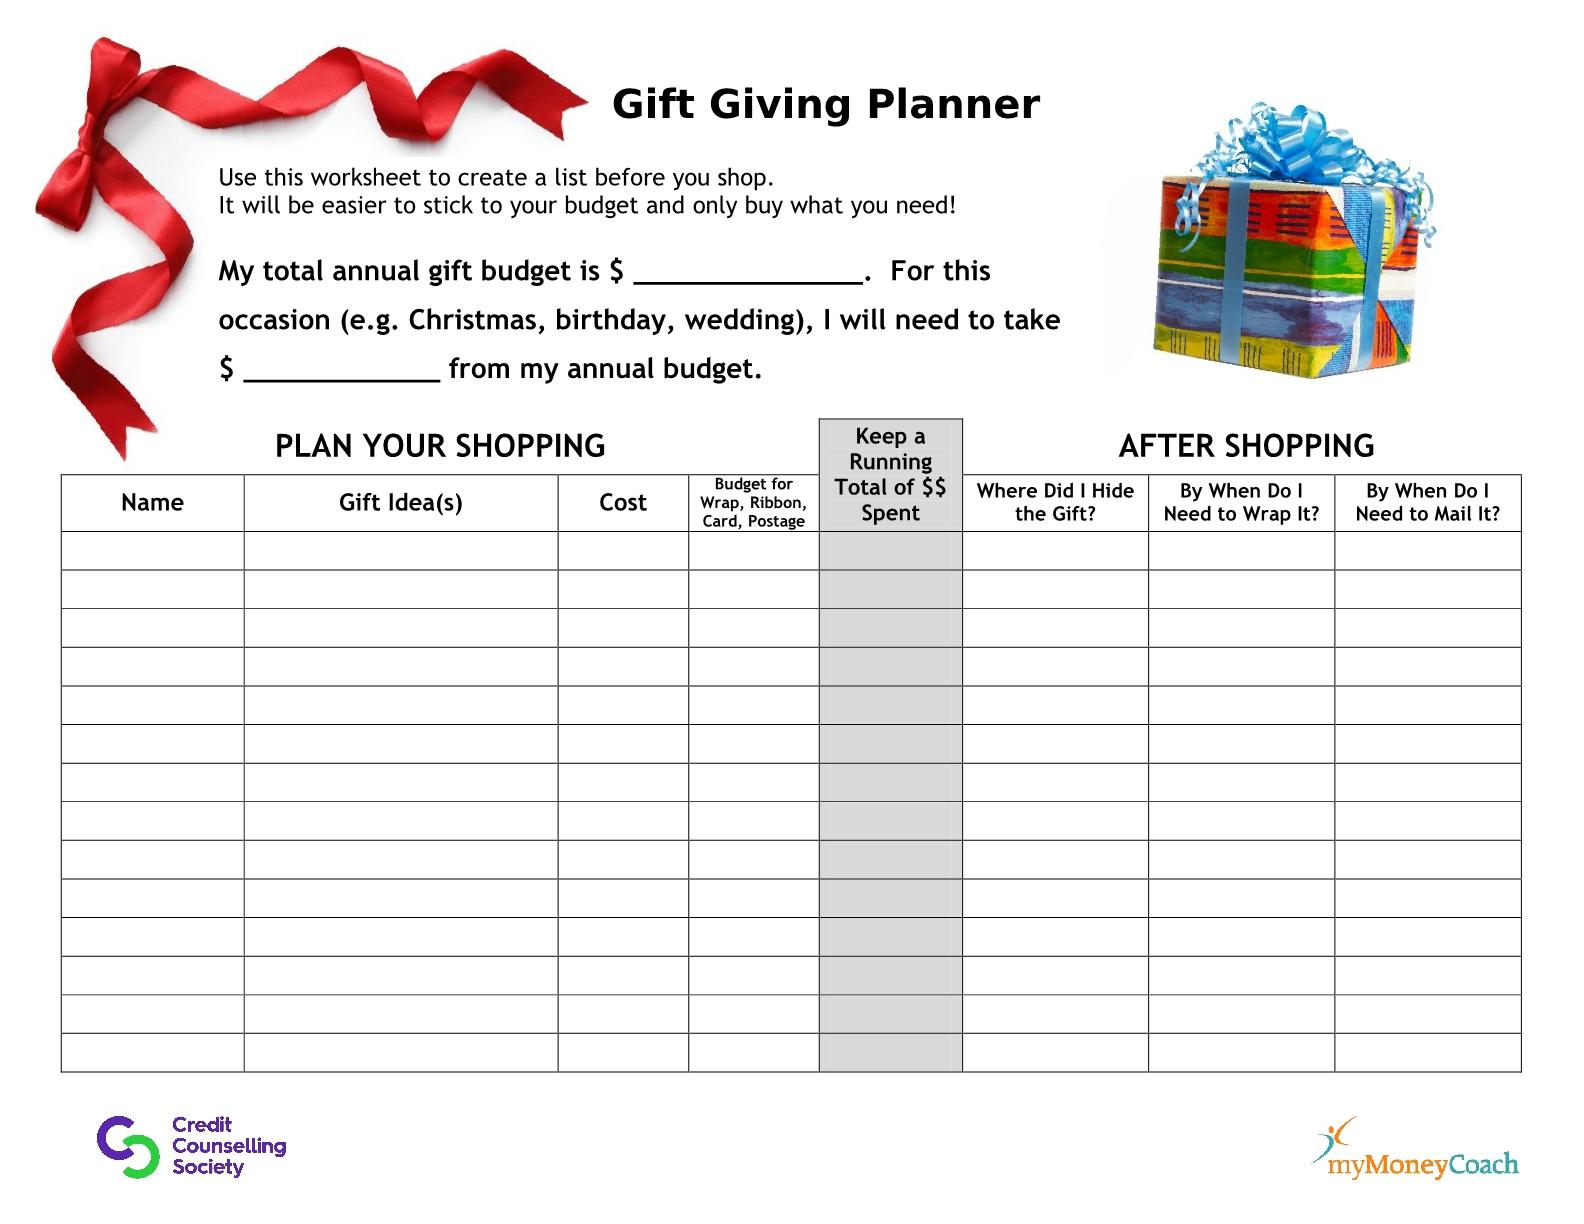 Gift giving planner for budgeting, shopping and avoiding over spending!